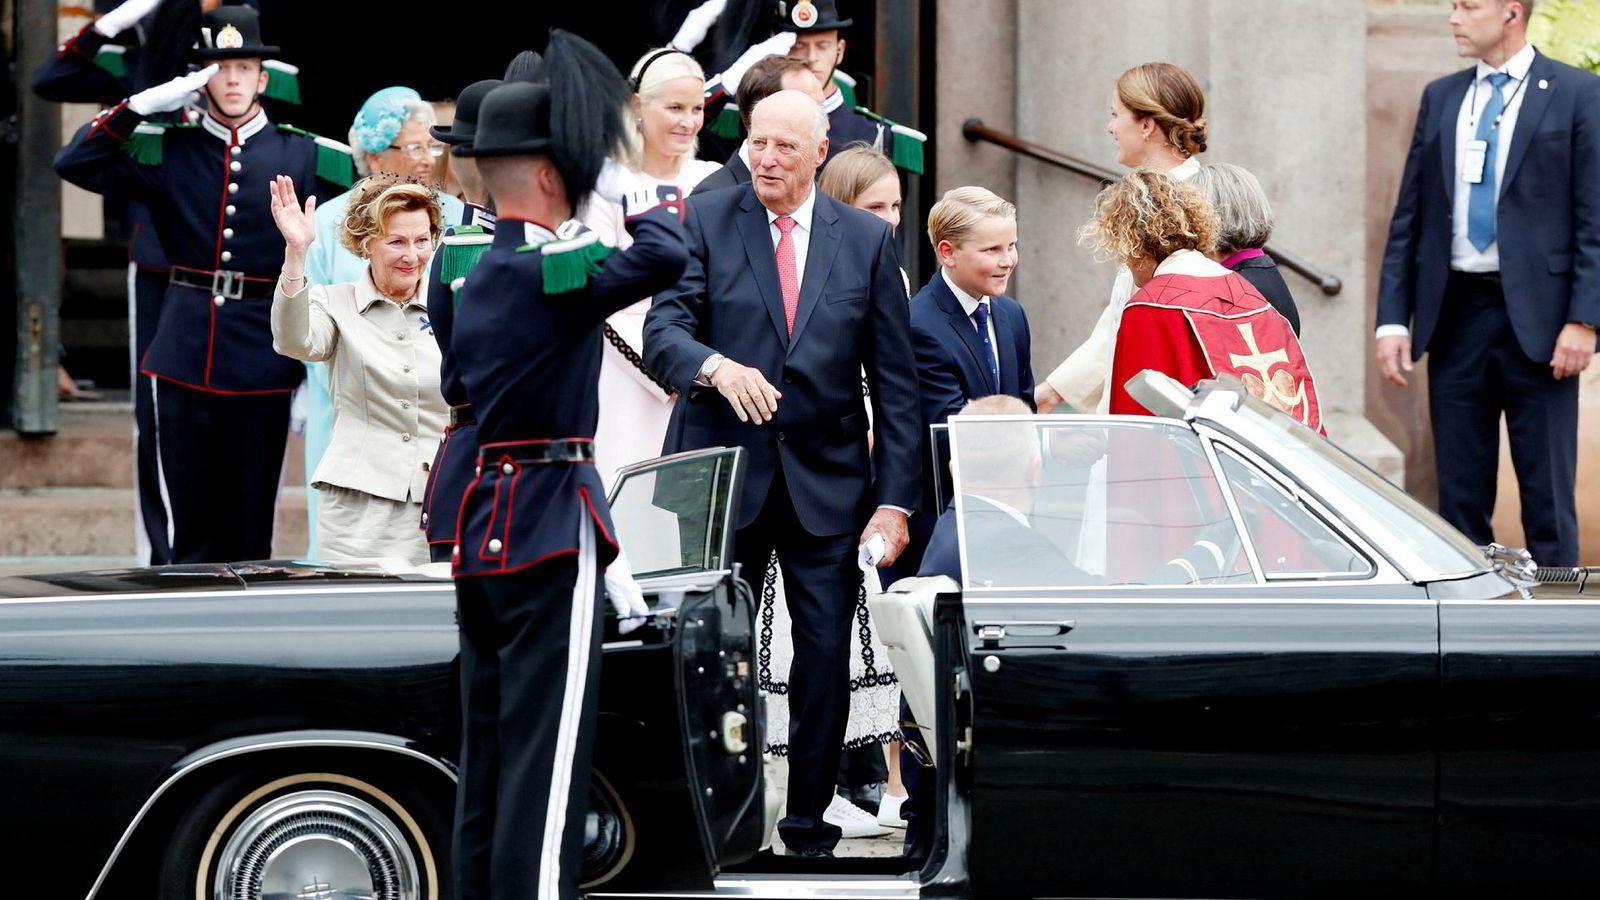 Med utgangspunkt i fysisk og psykisk belastning samt krav til fysisk og psykisk skikkethet, har det kongelige hoff bedt om lavere pensjonsalder for kongefamiliens sjåfører. Her er kong Harald og dronning Sonja på inn i bilen under feiringen av gullbryllup.